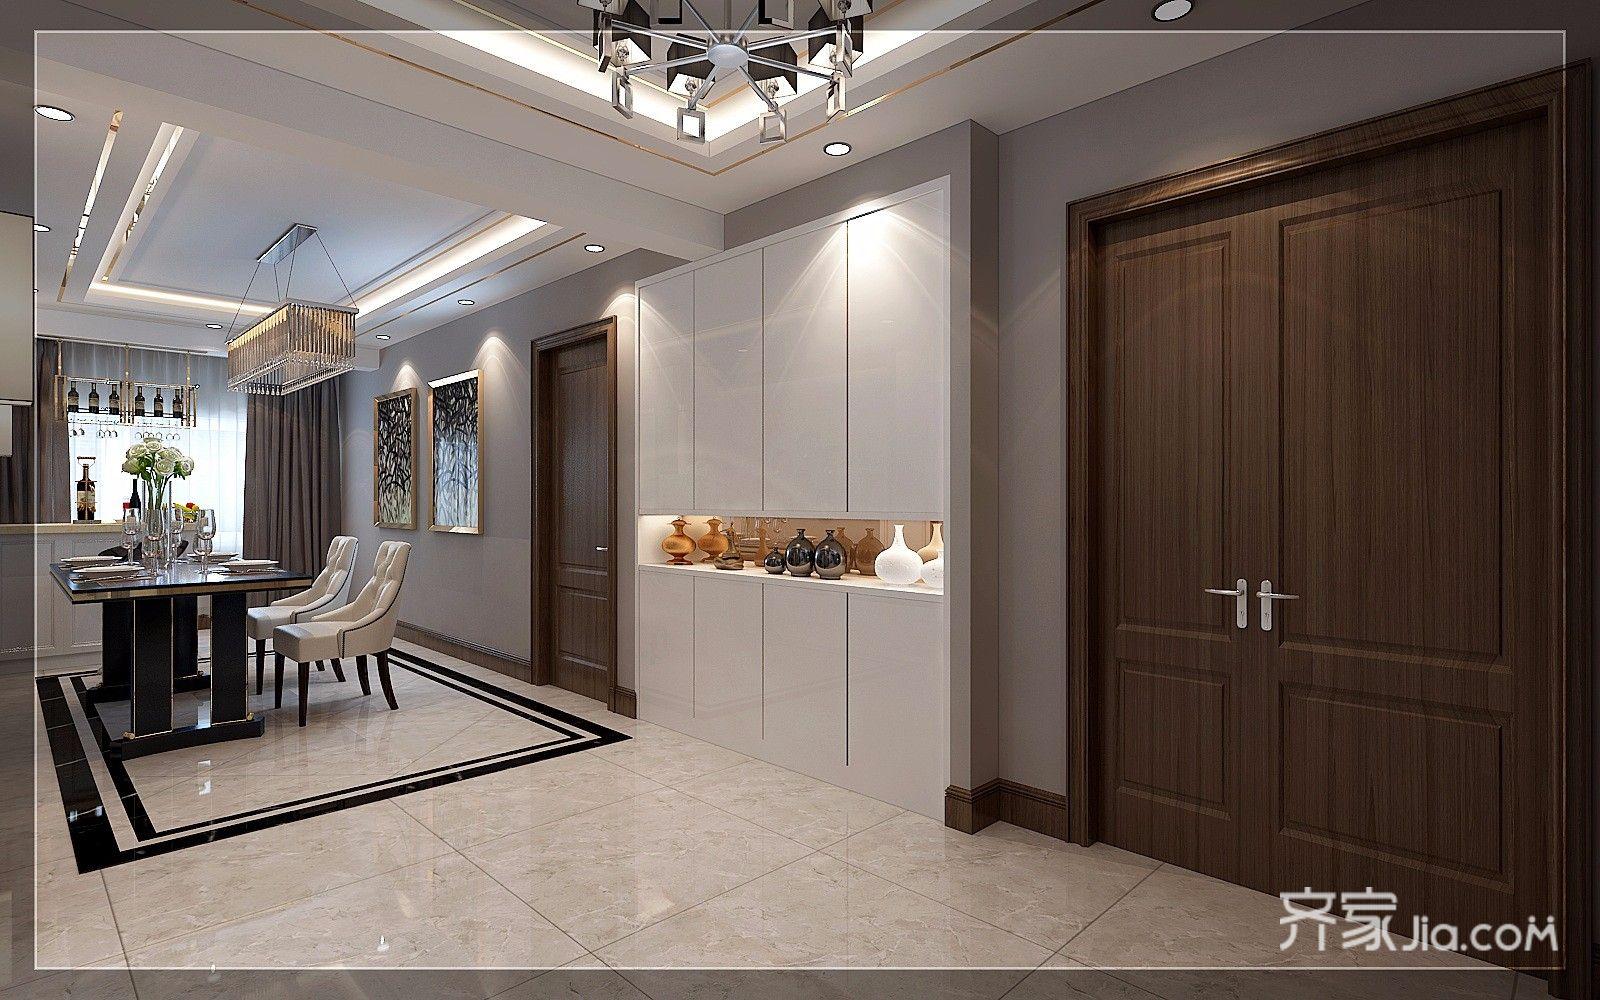 现代奢华复式三居餐厅装修效果图